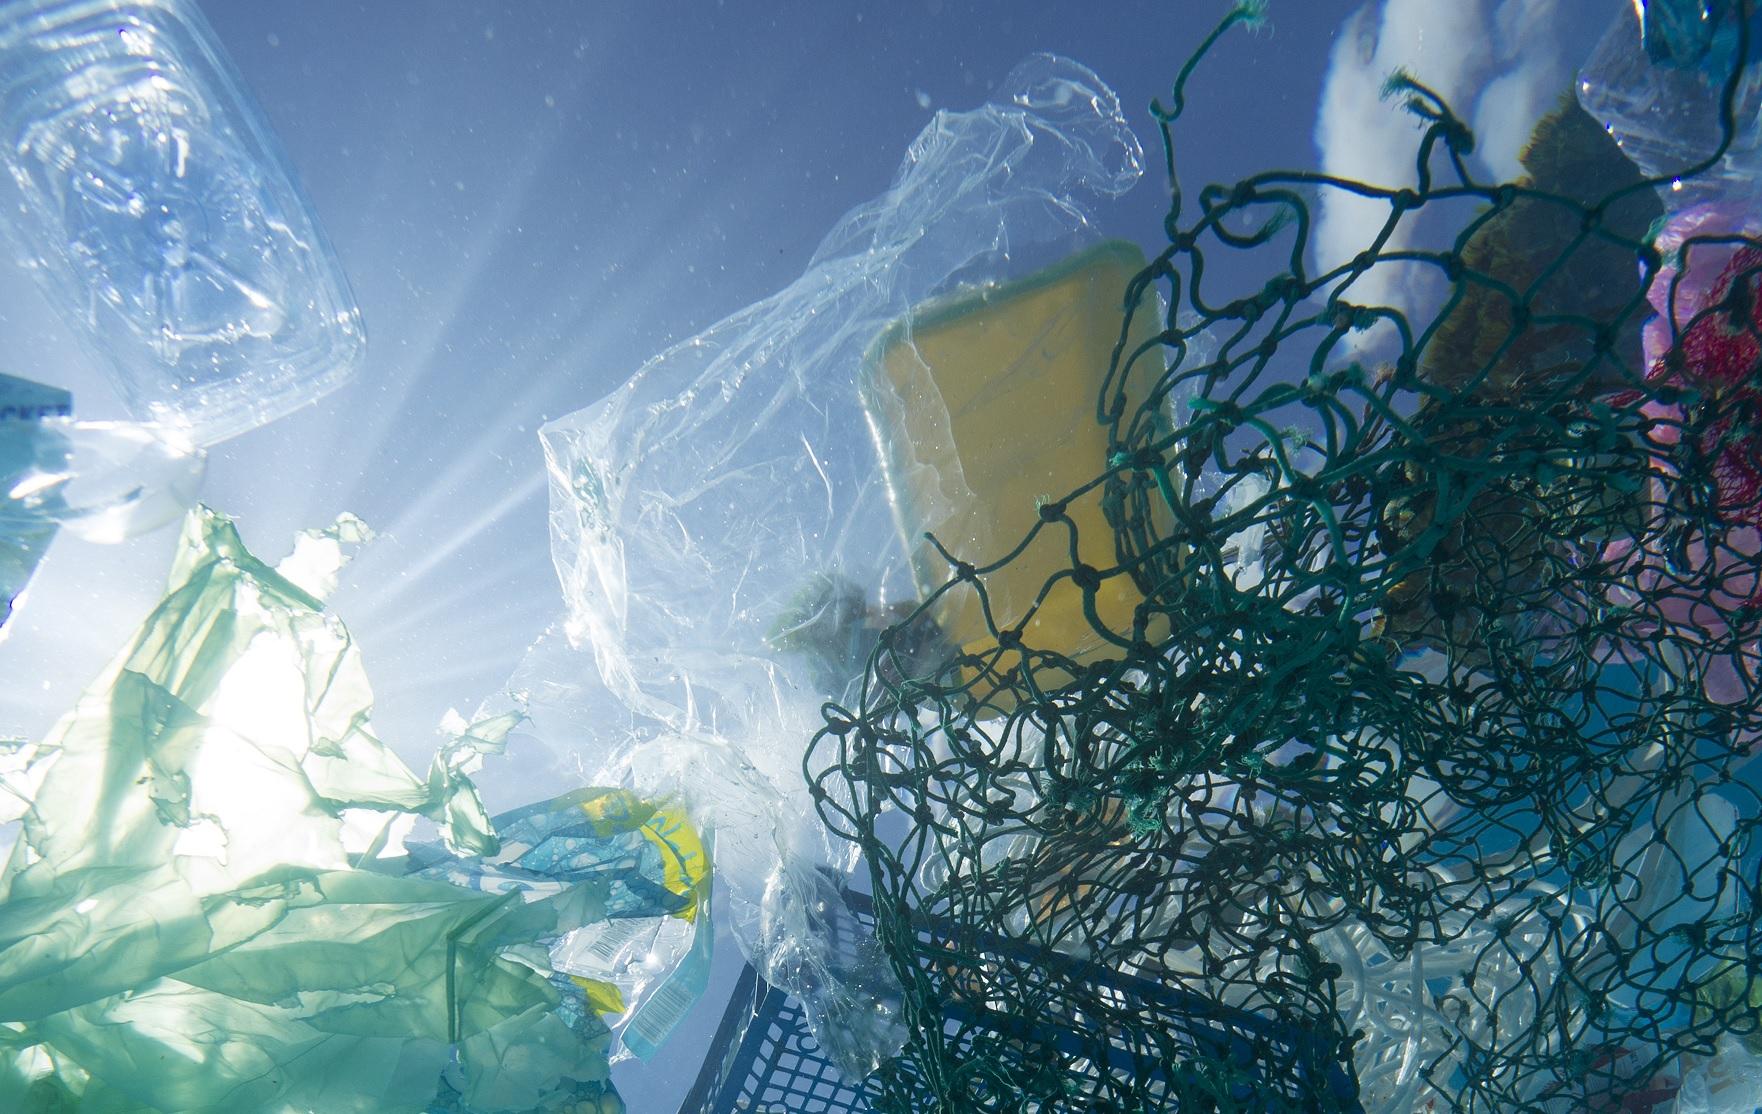 Palkovics szerint a jövő nyártól tilthatnak be egyes egyszer használatos műanyagokat